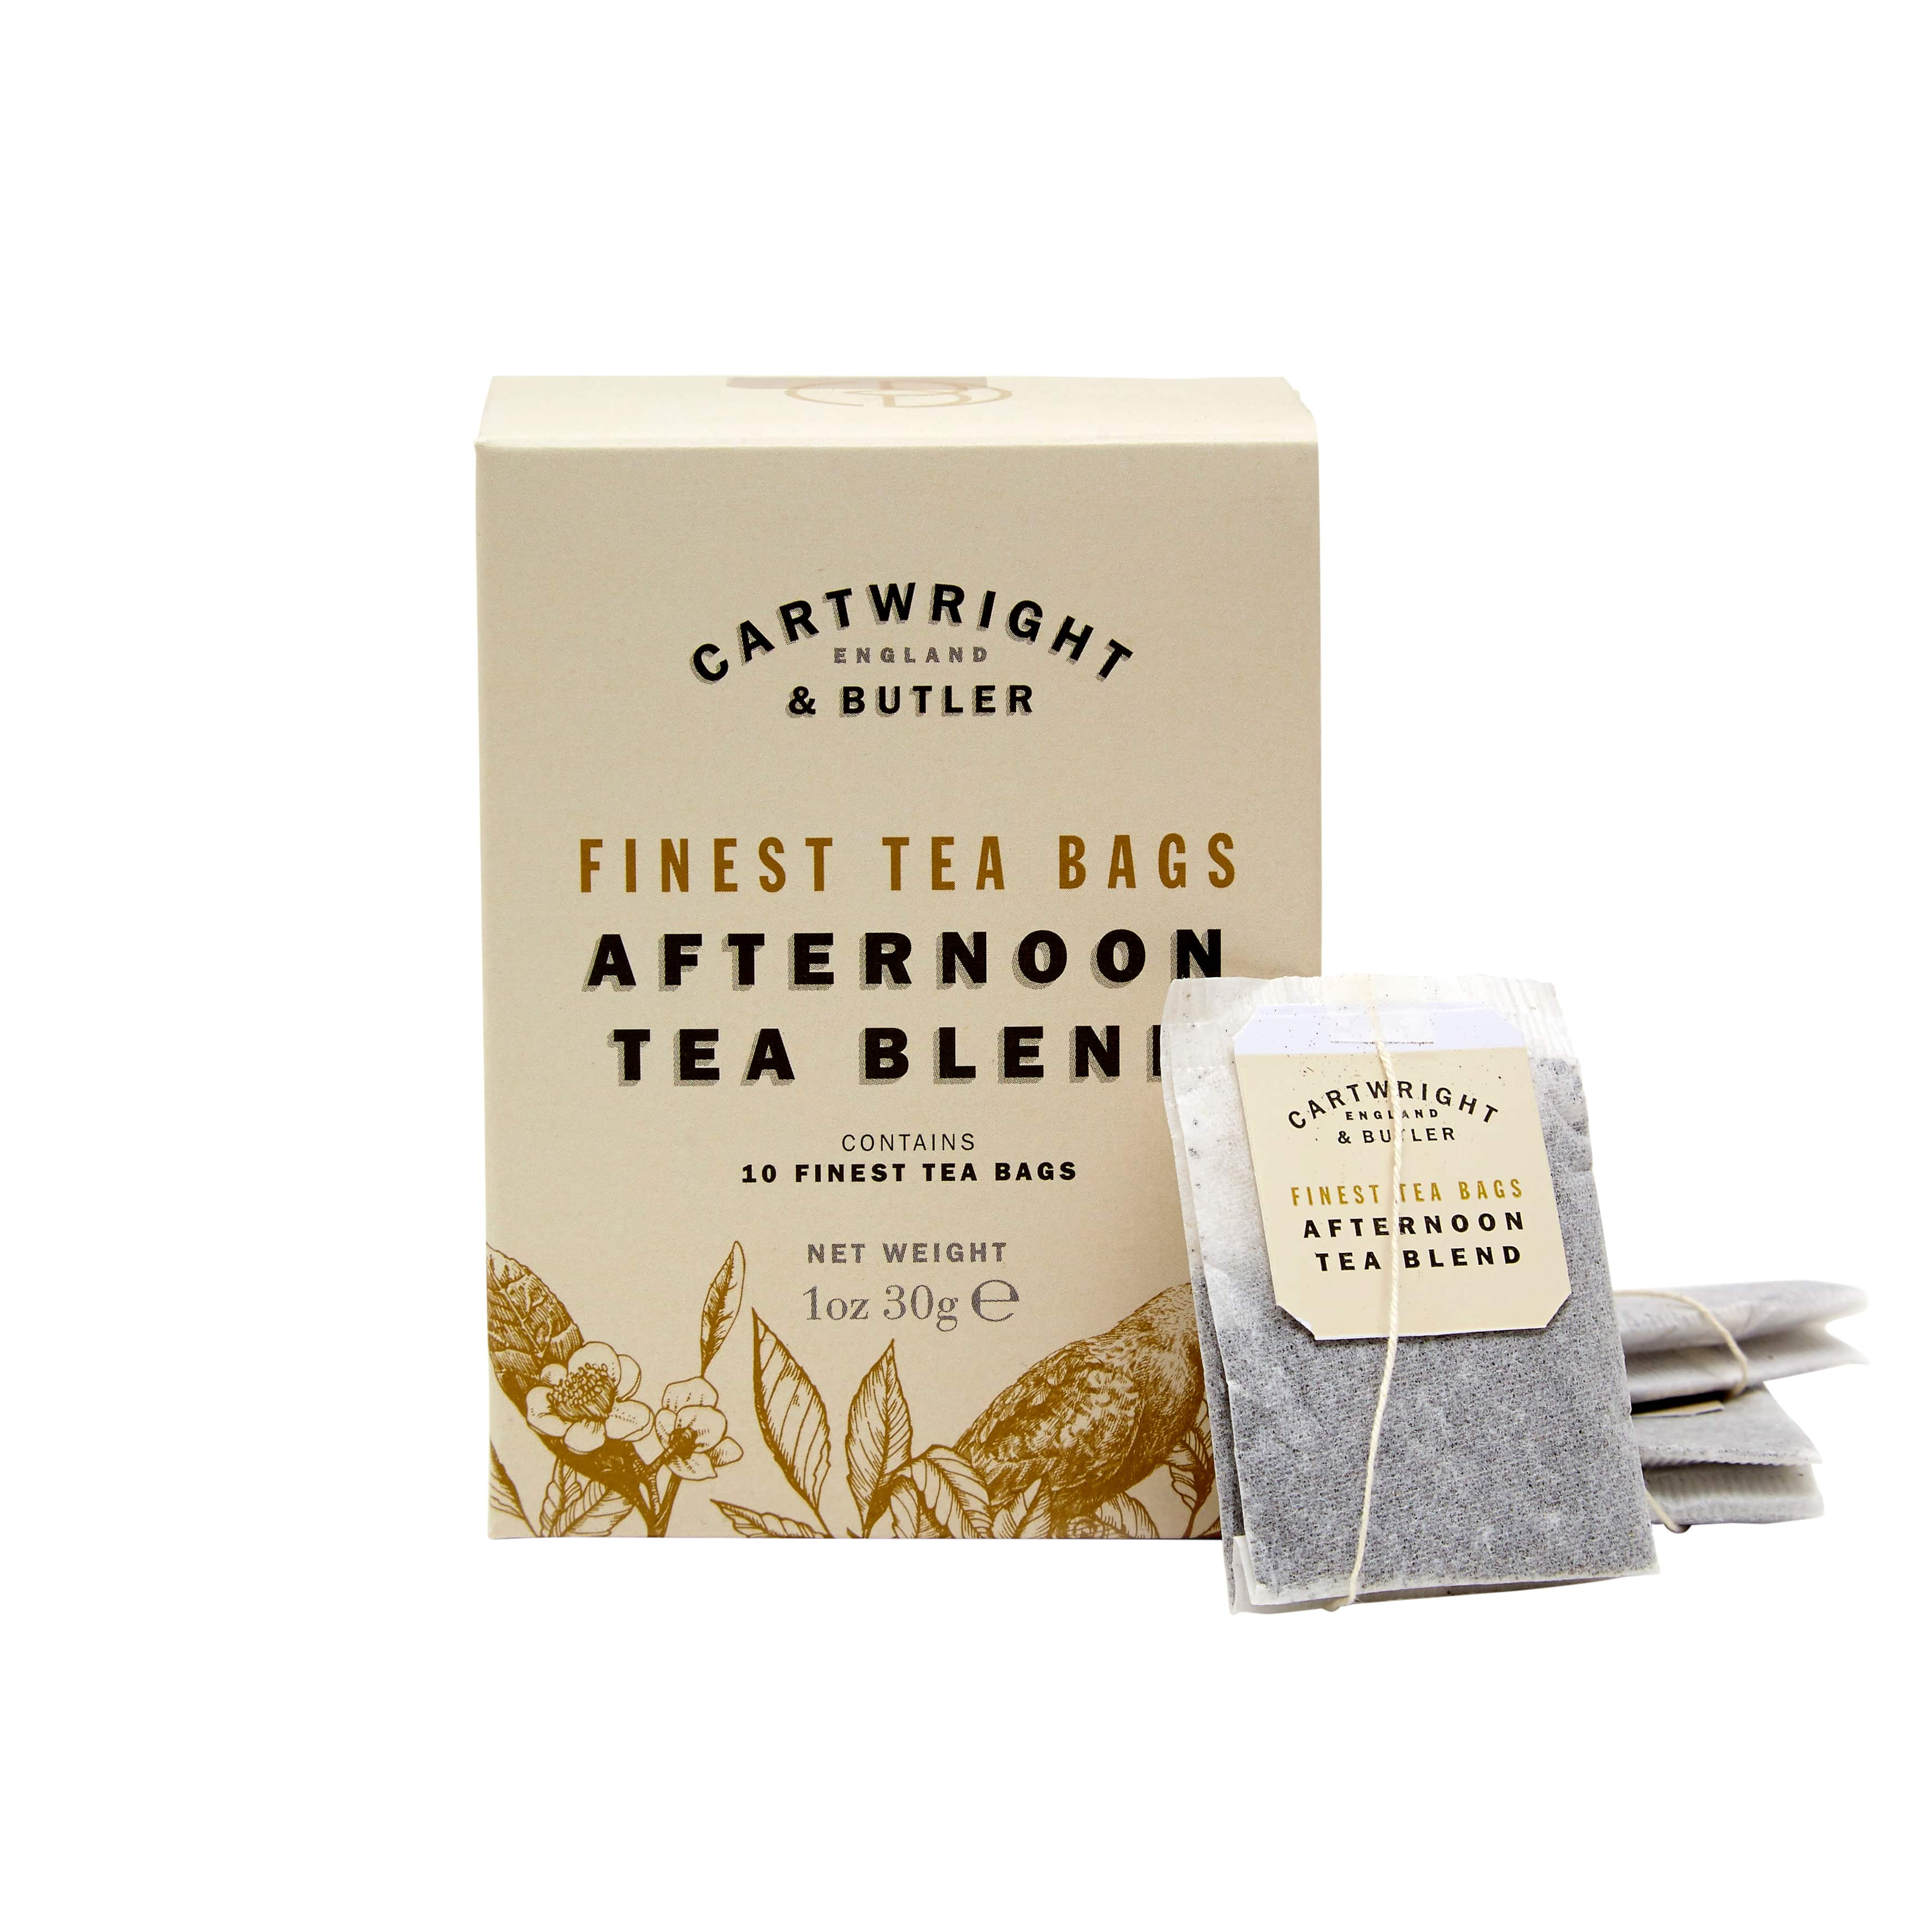 アフタヌーンティー CARTWRIGHT&BUTLER≪カートライトアンドバトラー≫ 紅茶(ティーバッグ) 小カートン イギリス 輸入